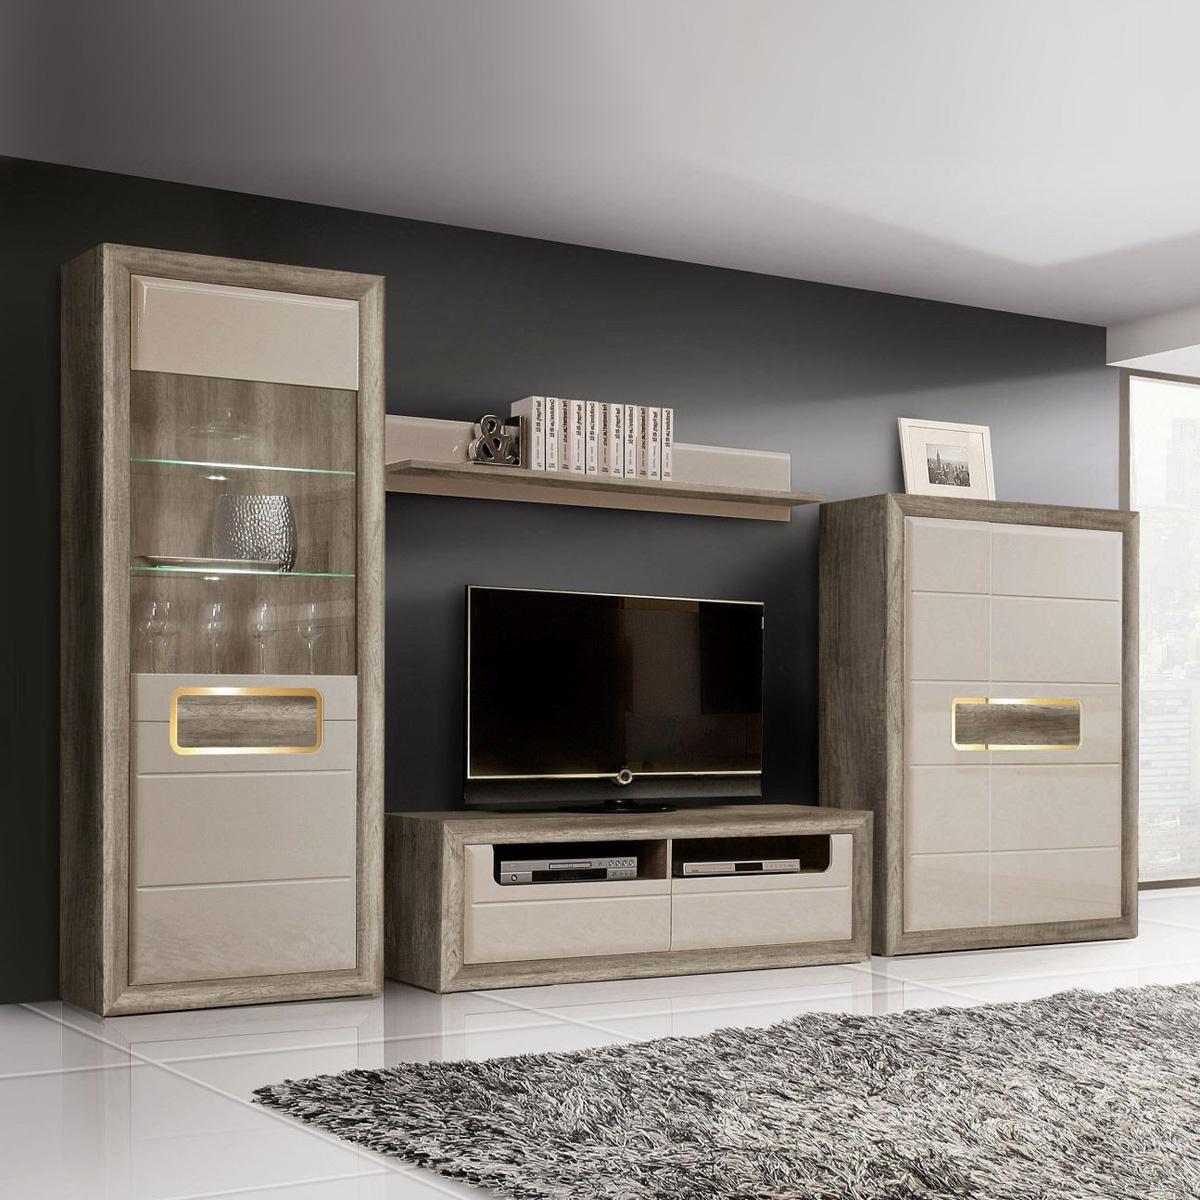 wohnwand 2 tizianos anbauwand wohnkombi beige hochglanz und antik eiche mit led ebay. Black Bedroom Furniture Sets. Home Design Ideas